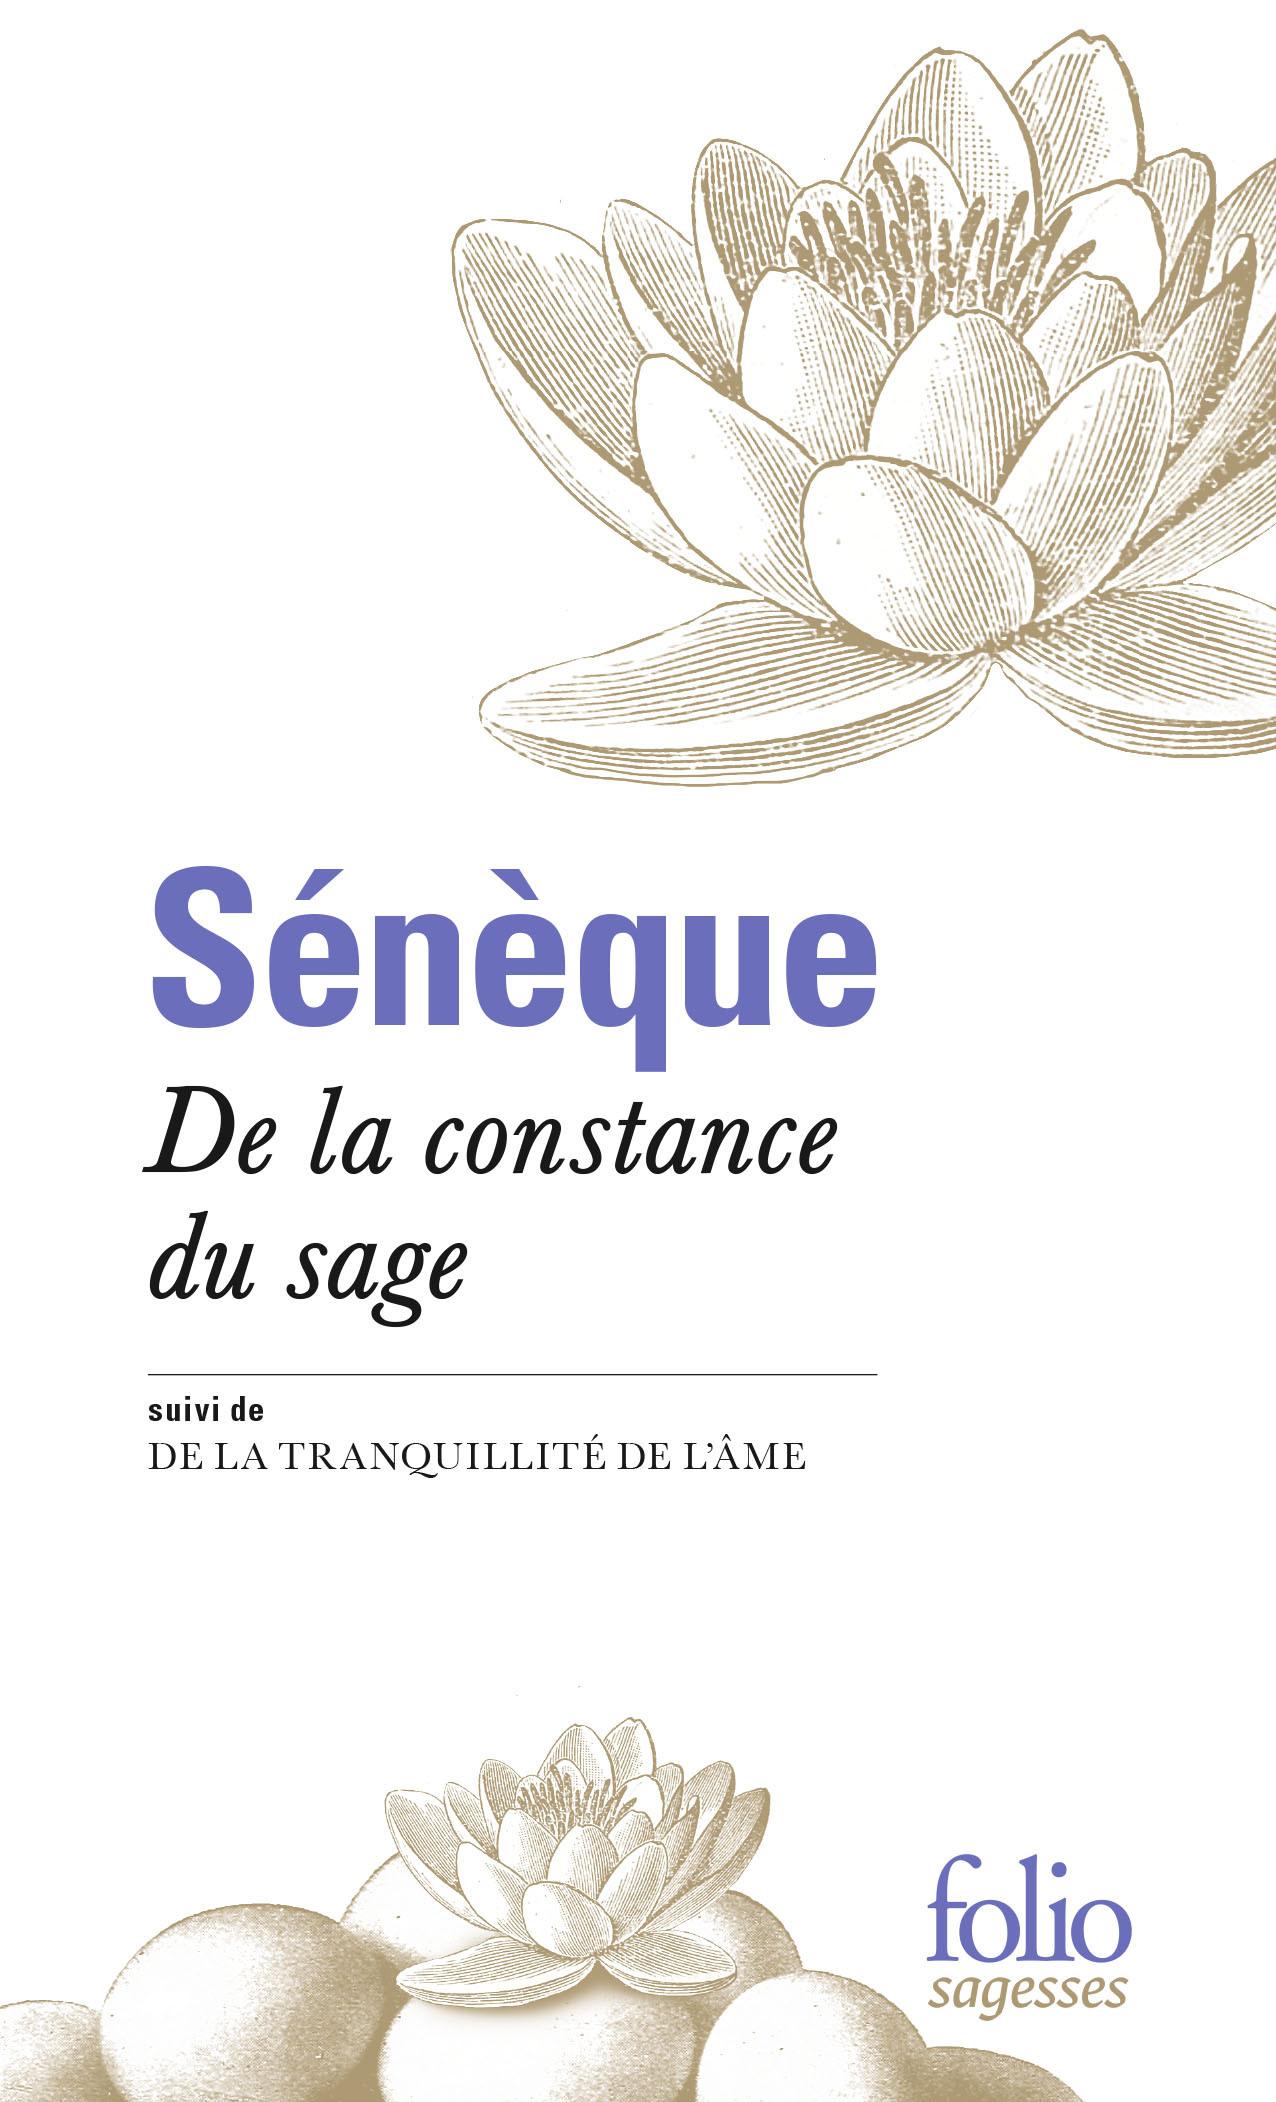 DE LA CONSTANCE DU SAGE, SUIVI DE LA TRANQUILLITE DE L'AME